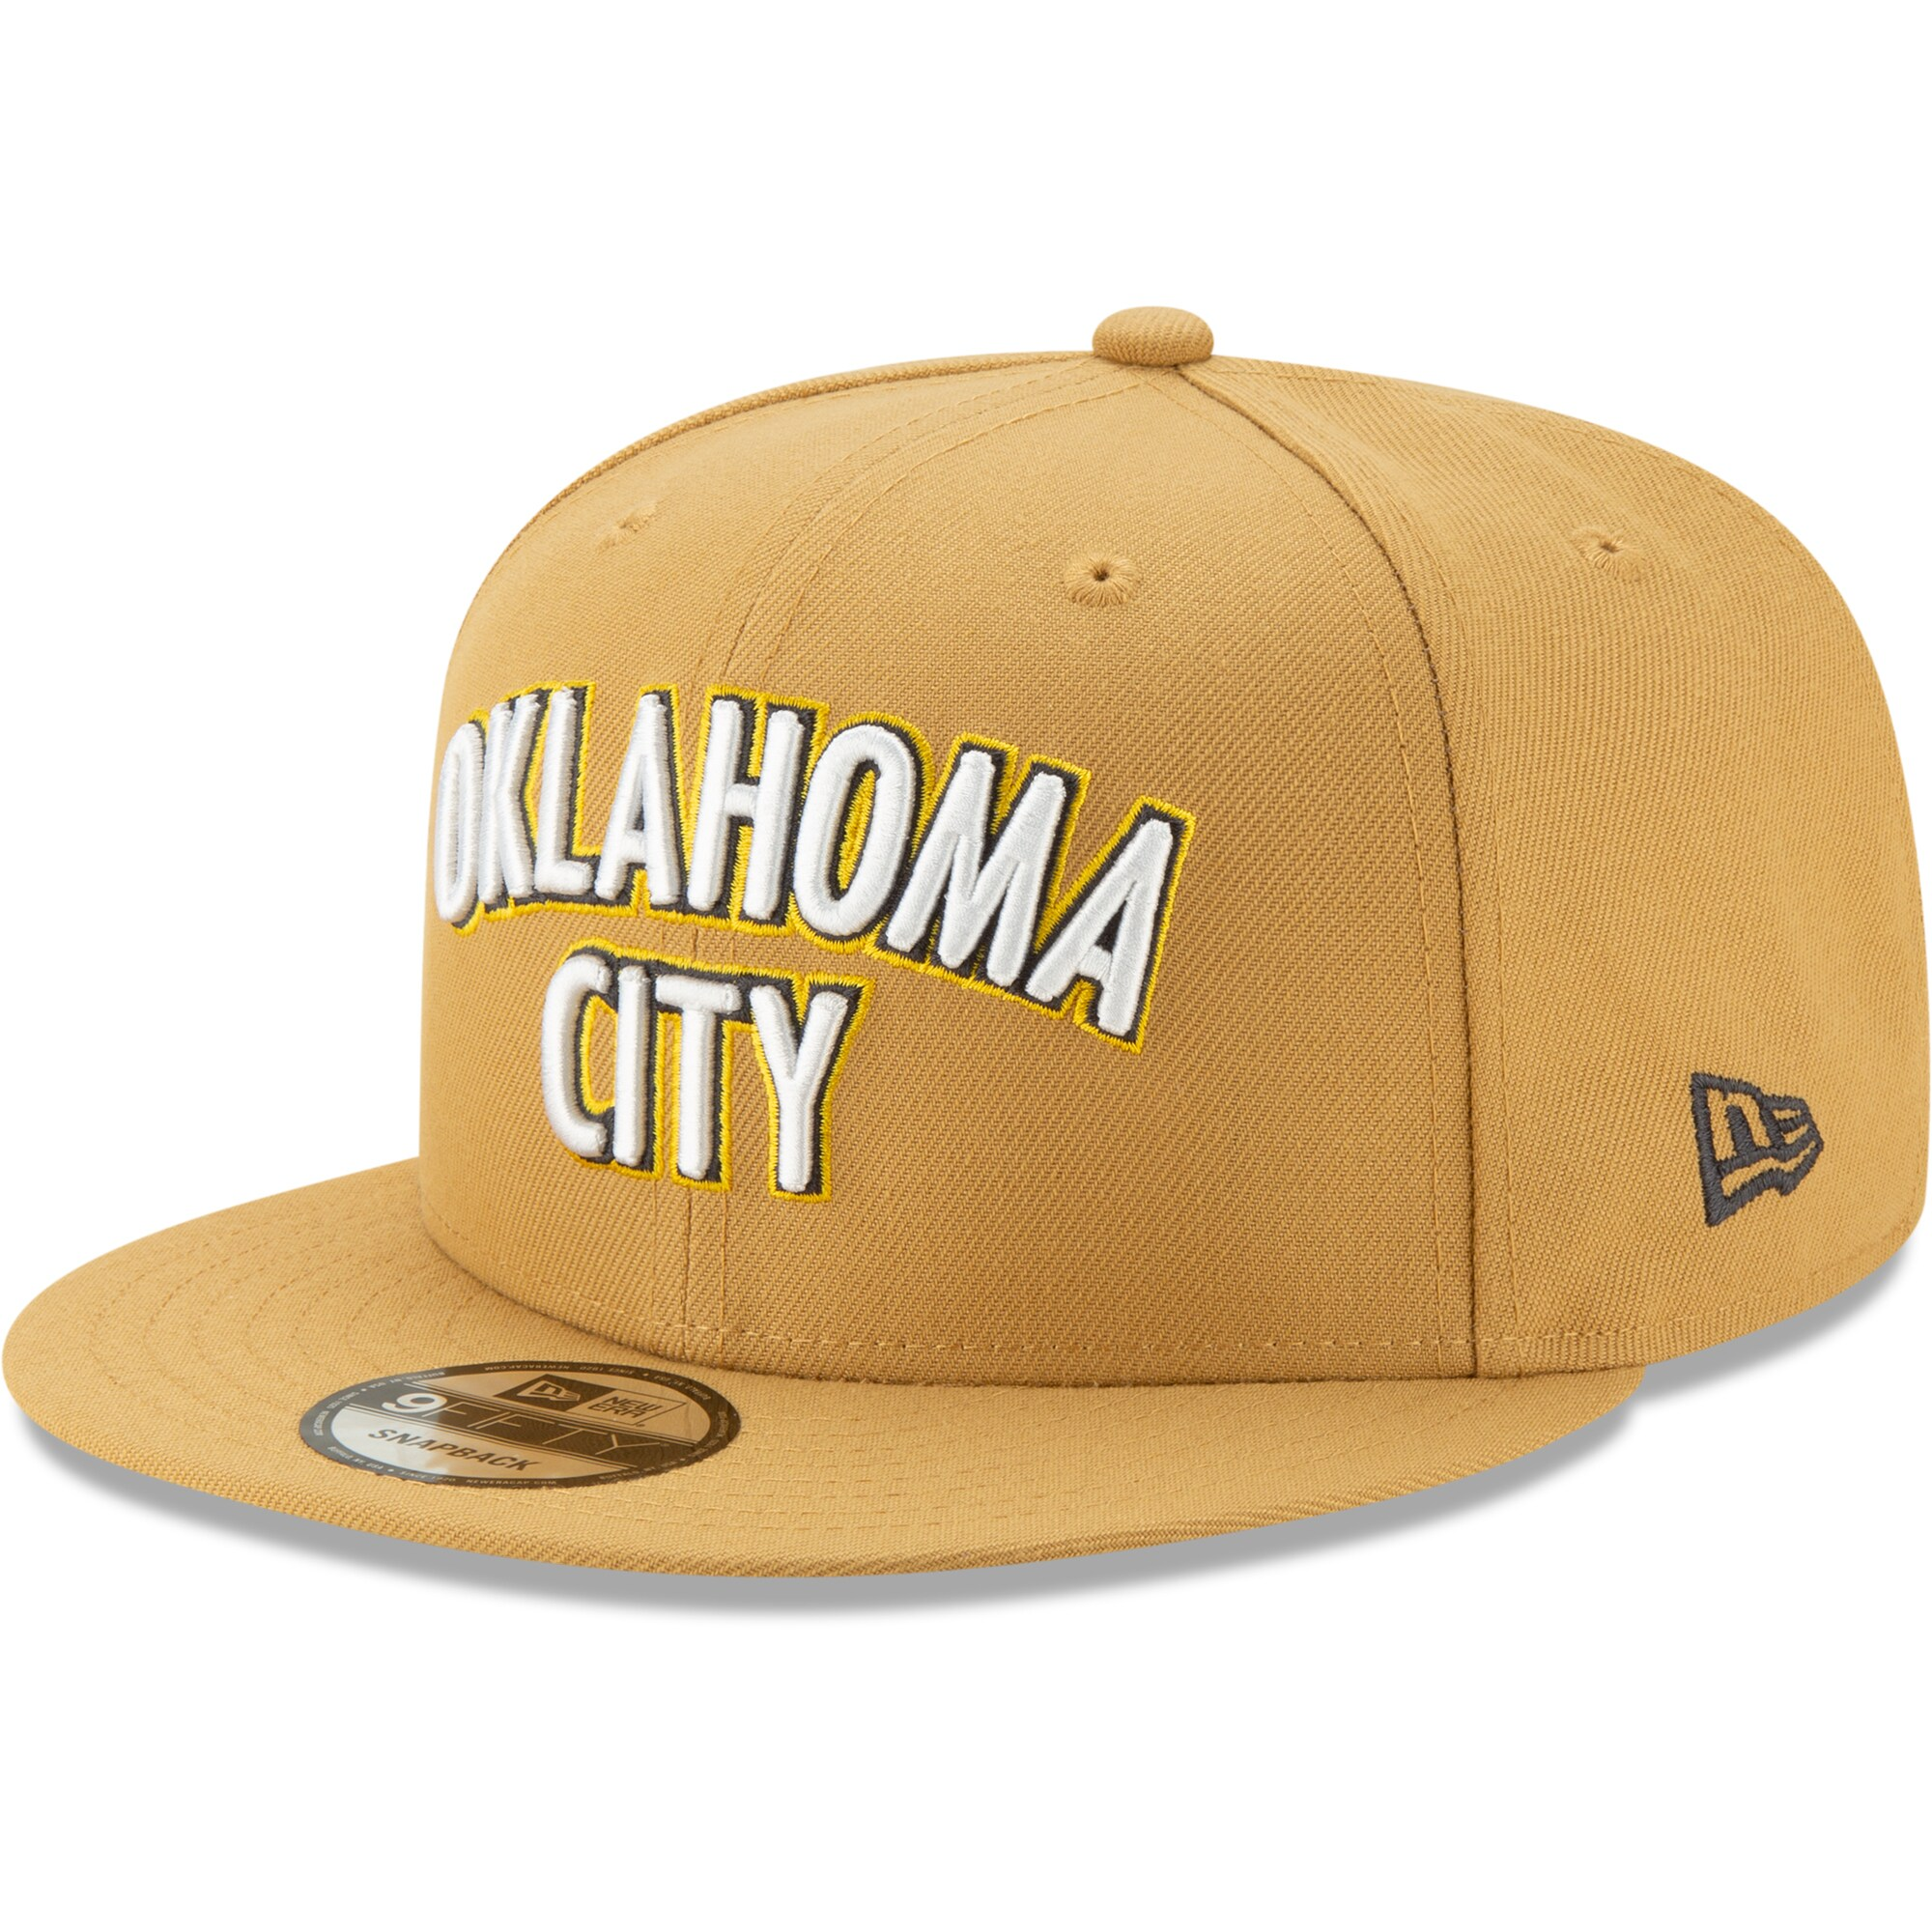 Oklahoma City Thunder New Era 2019/20 City Edition 9FIFTY Snapback Adjustable Hat - Gold